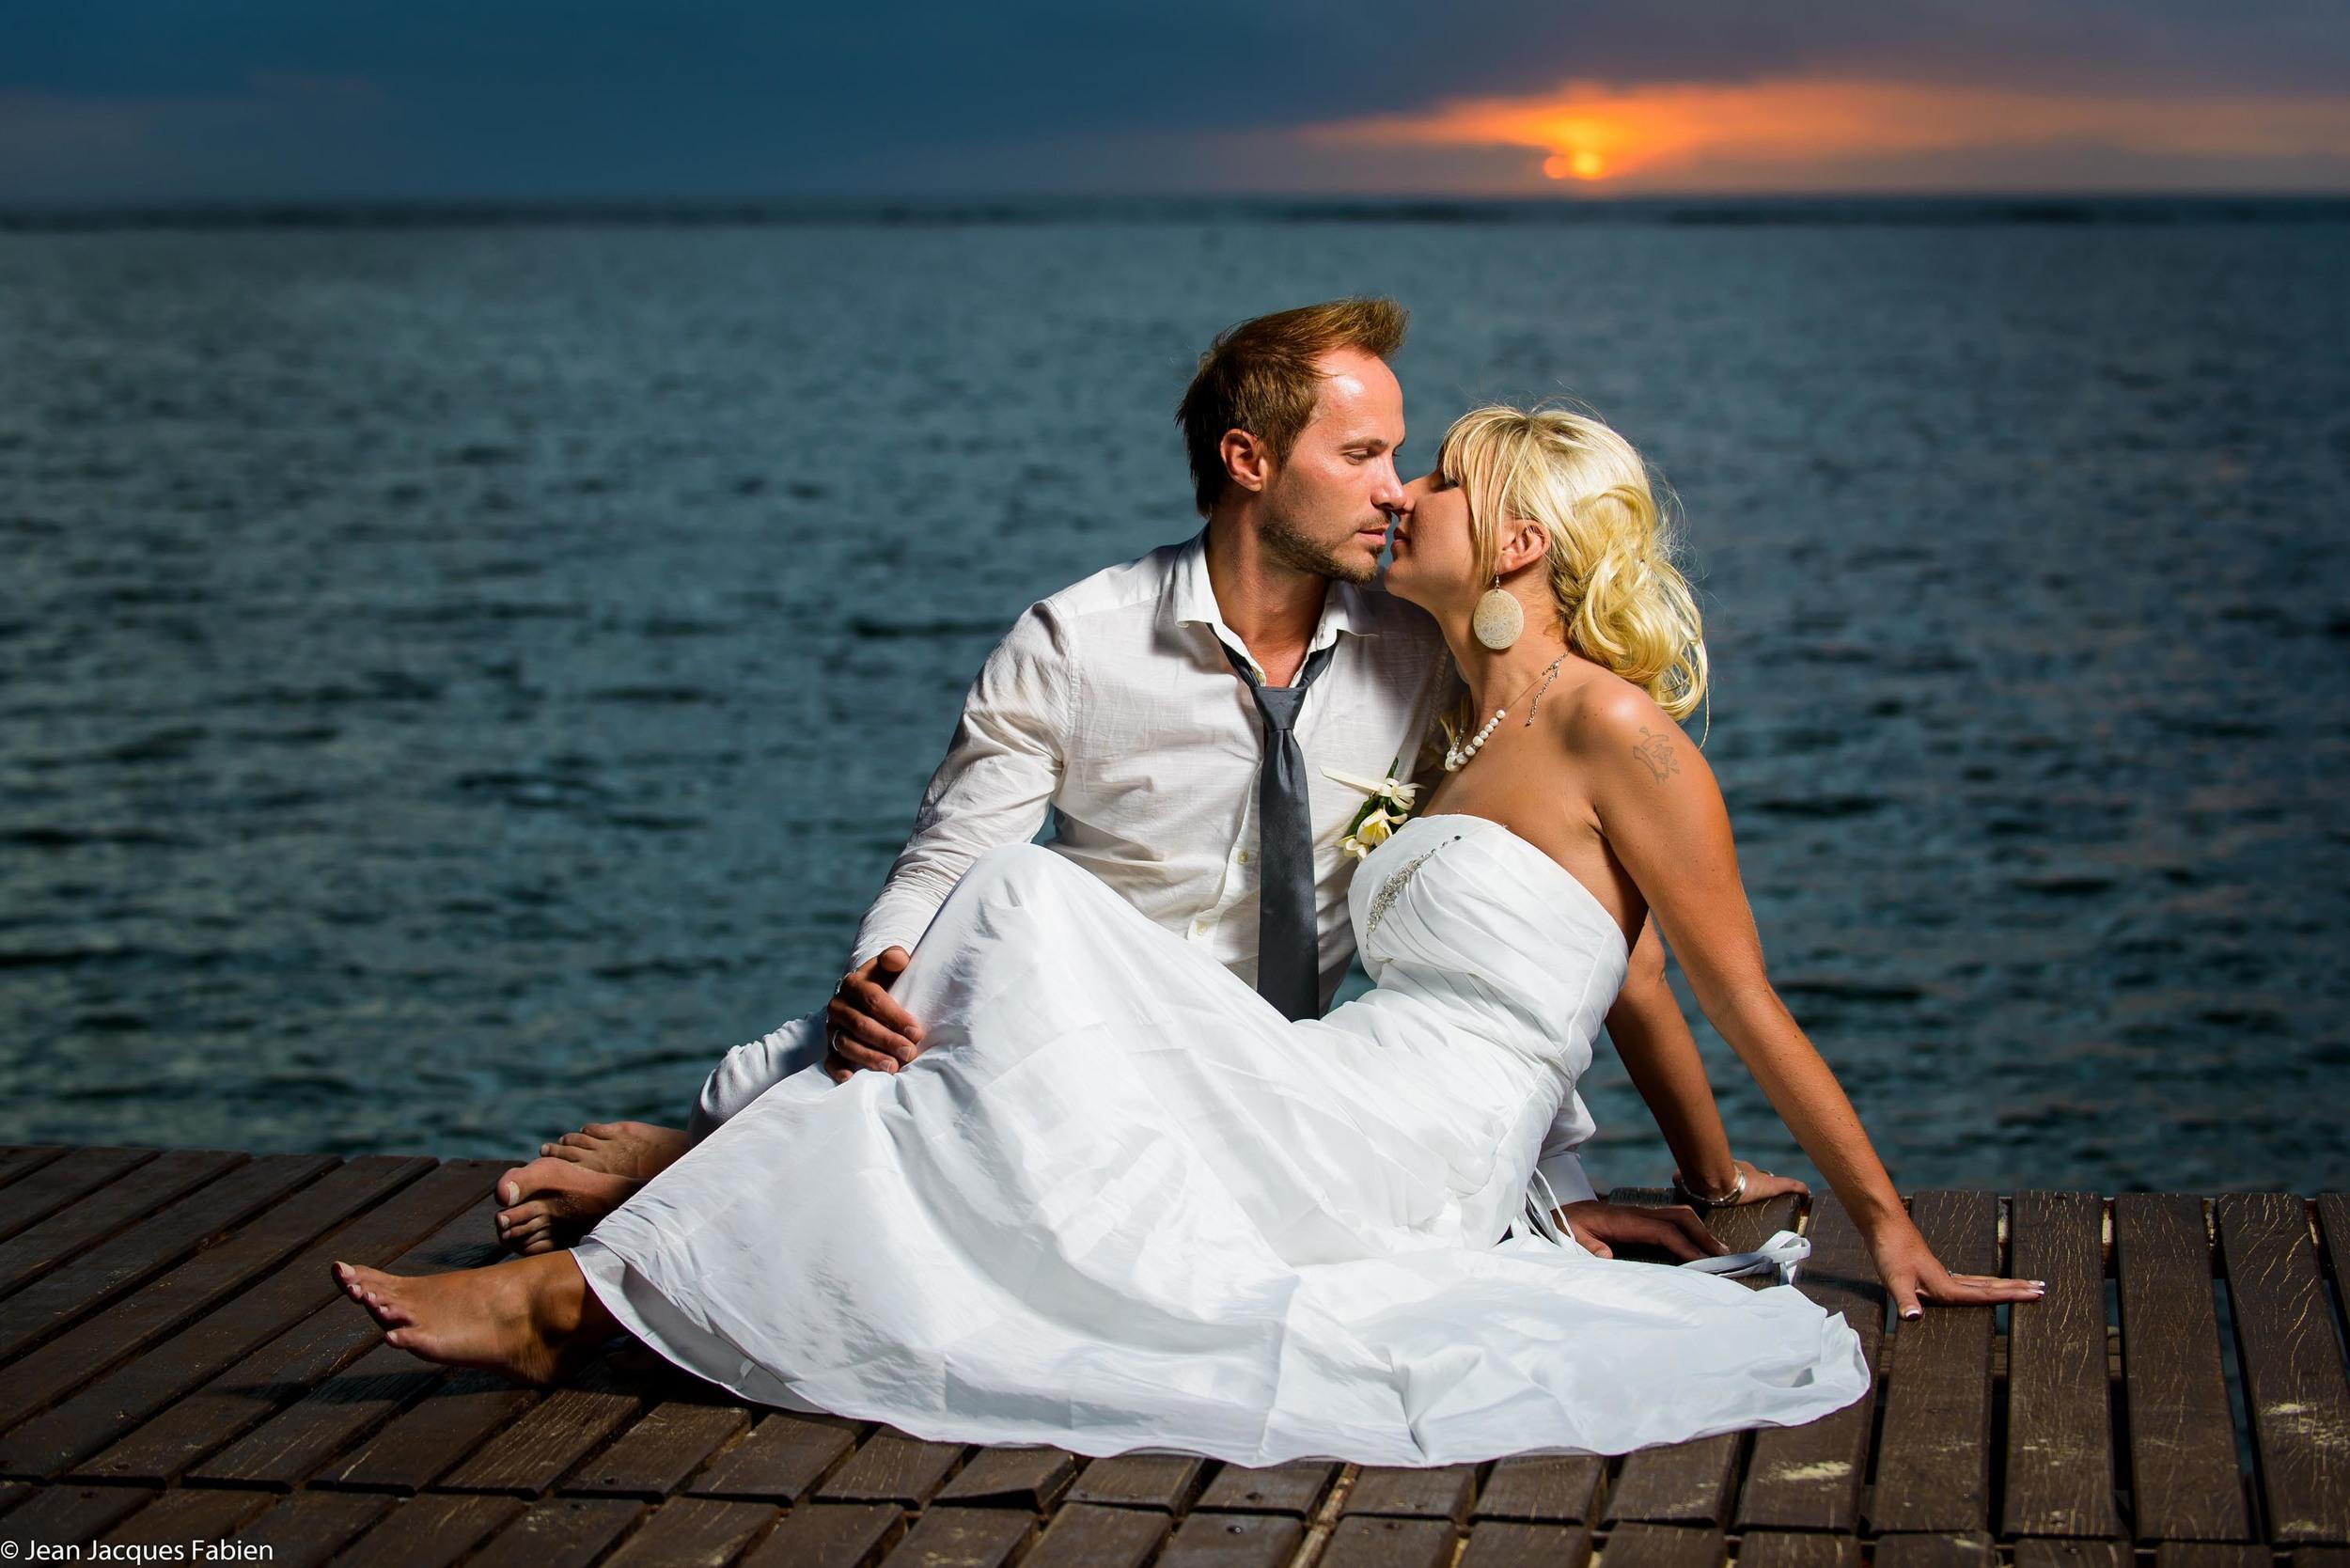 Wedding Sofitel 09-11-2012 (189 of 193).jpg